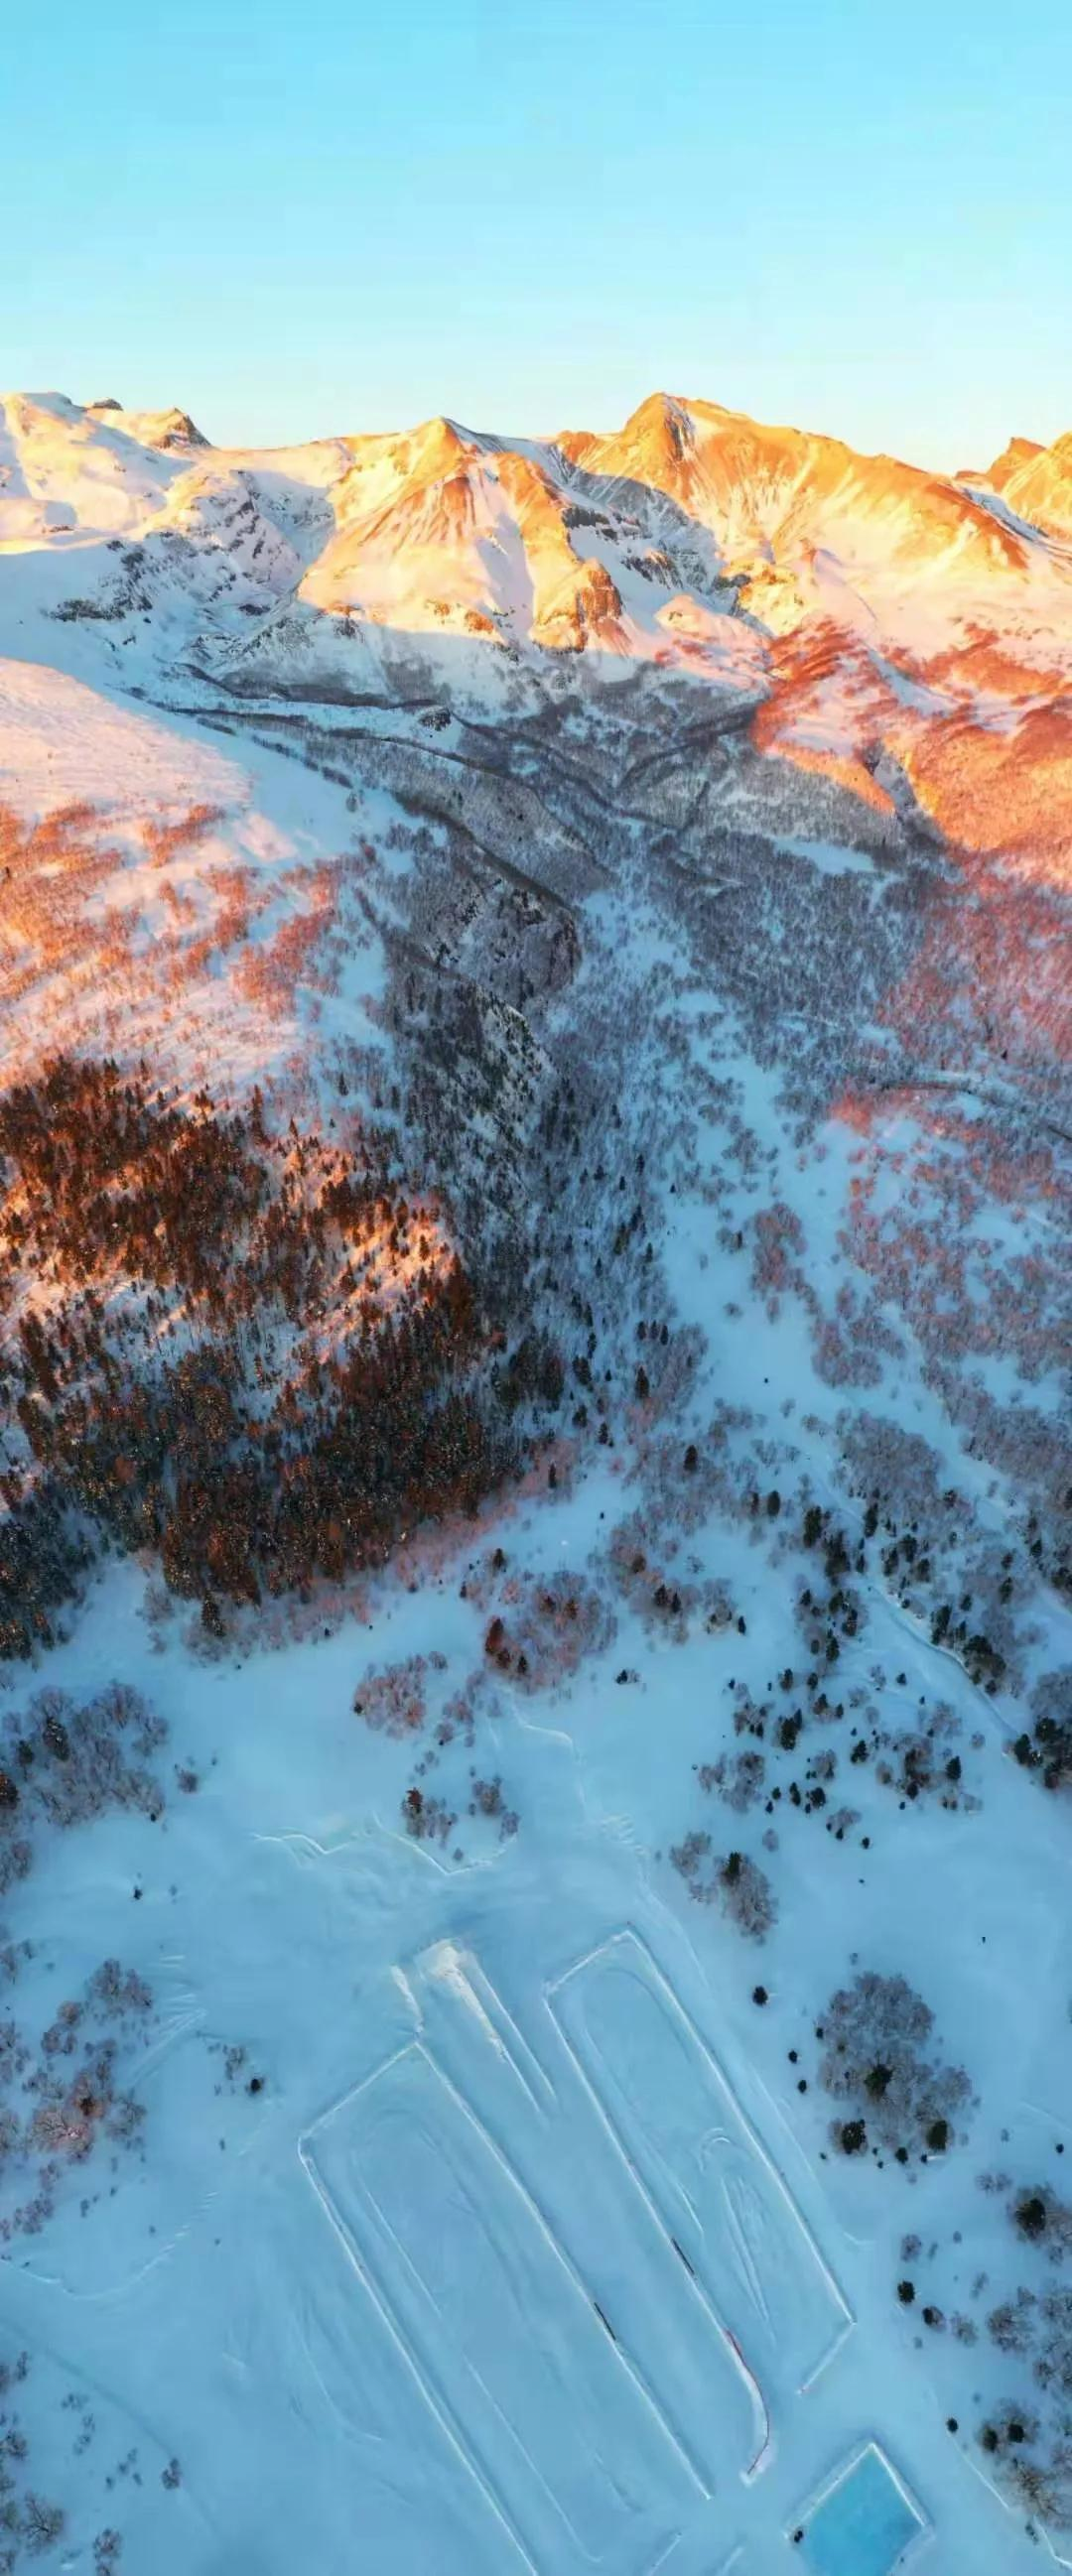 摄影名家 | 赵春江: 再论长白山是吉林省旅游的旗舰